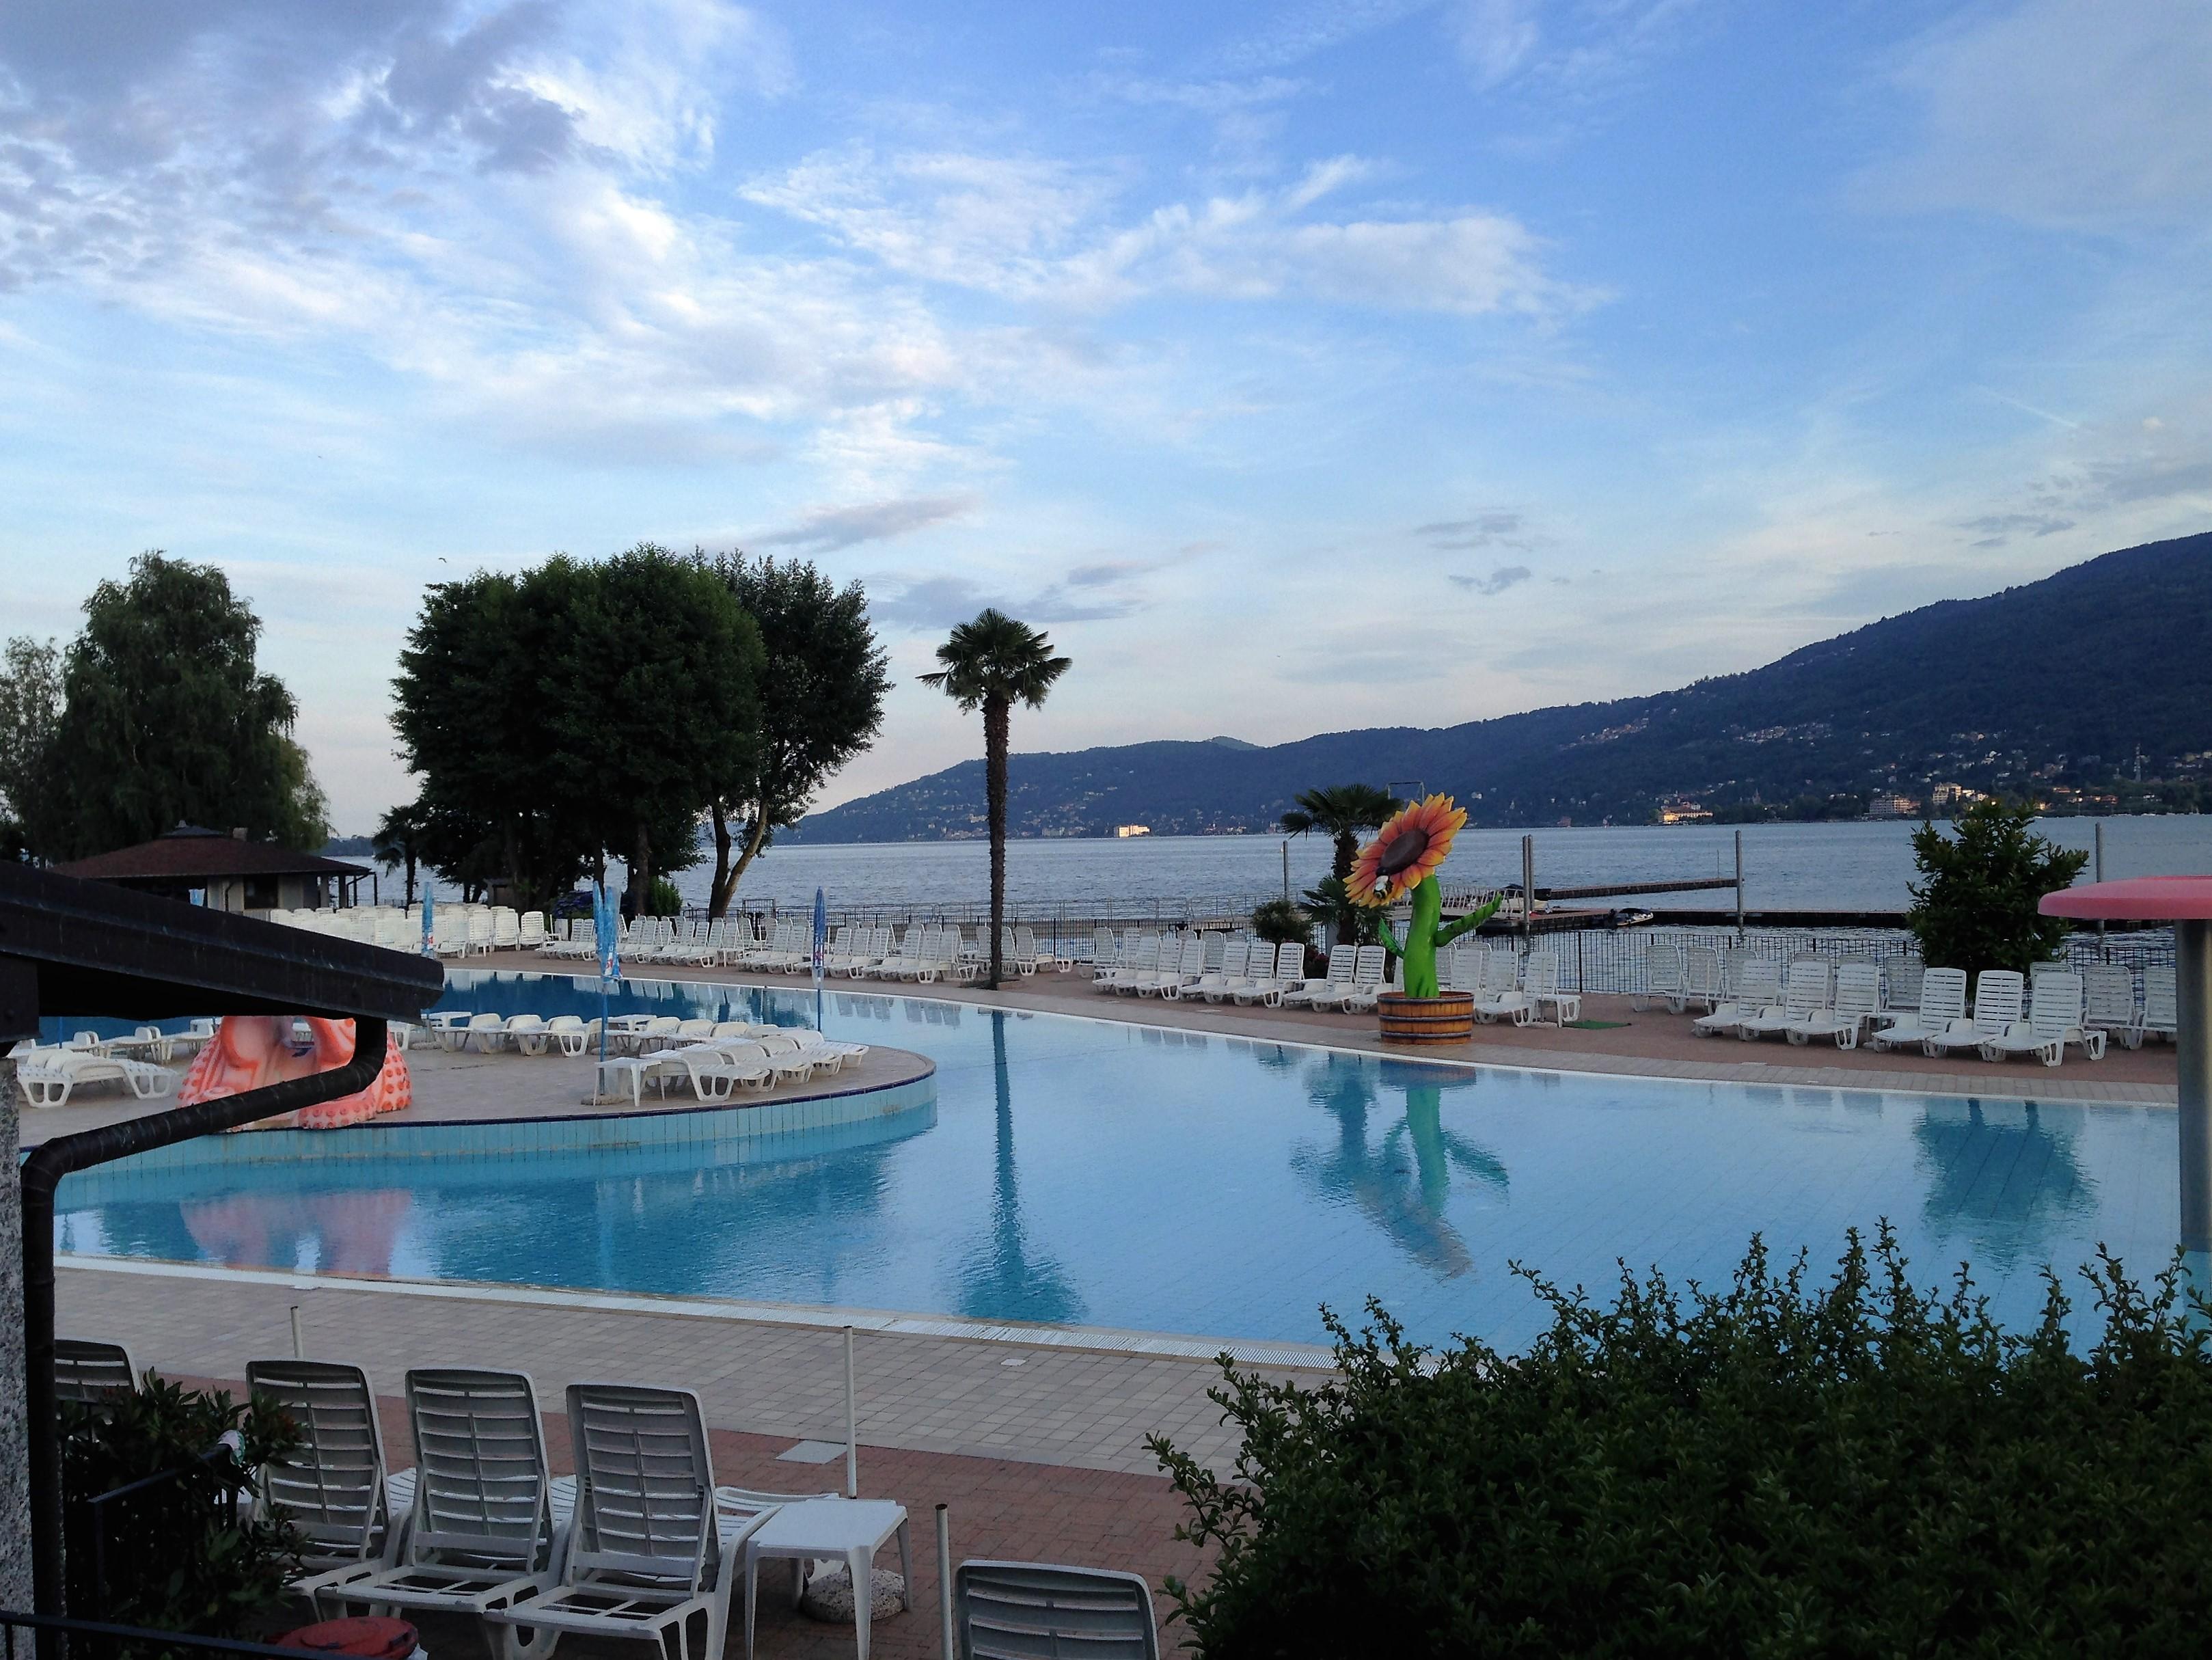 Piscina camping isolino viaggi per famiglie - Camping en oliva con piscina ...